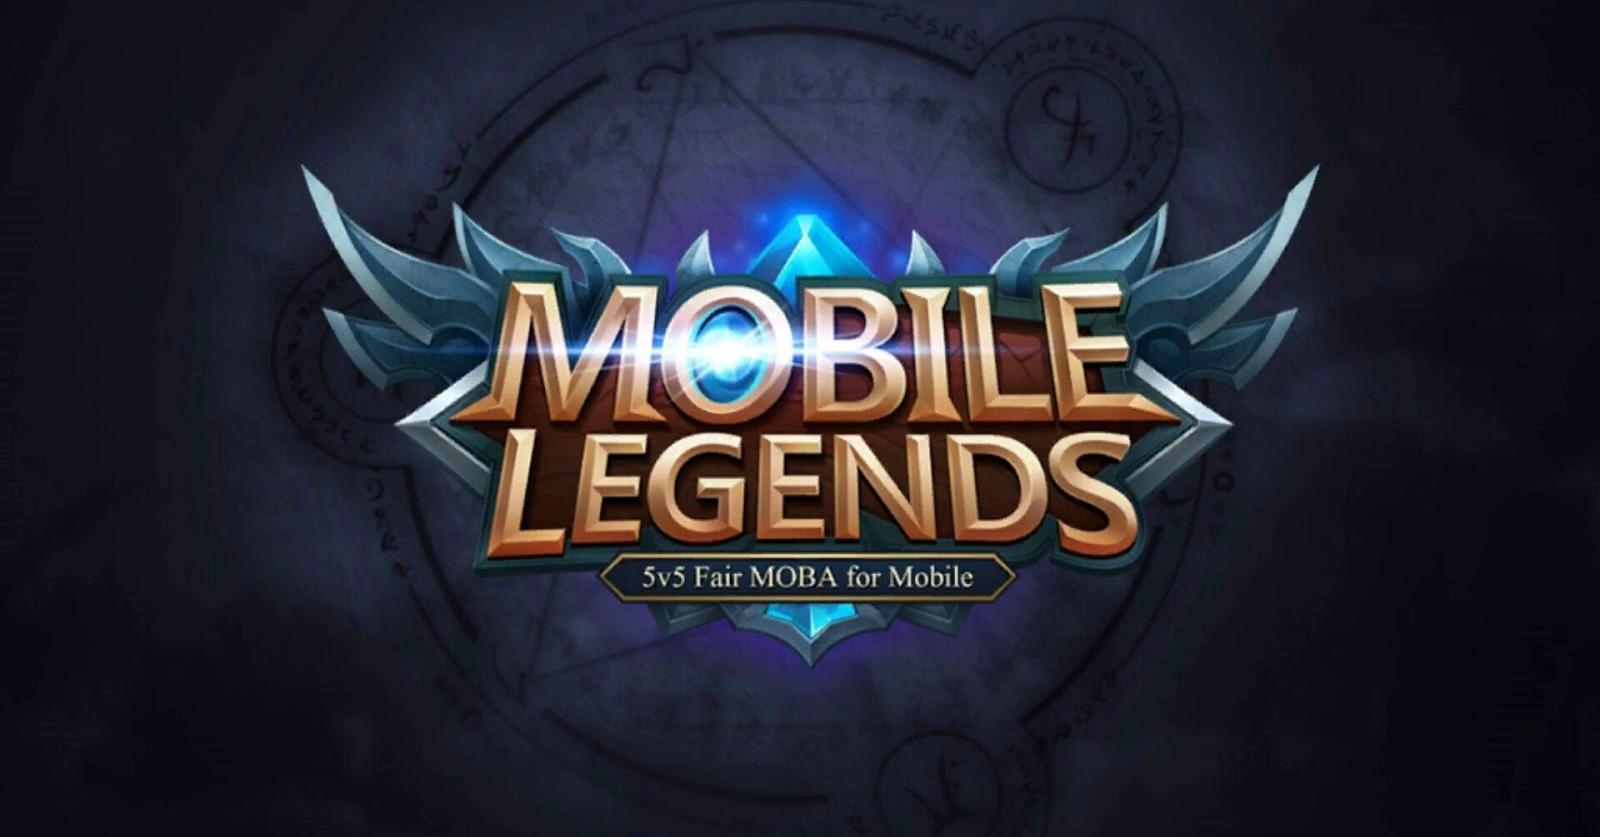 نقد و بررسی گیم پلی بازی موبایل لجند mobile legends